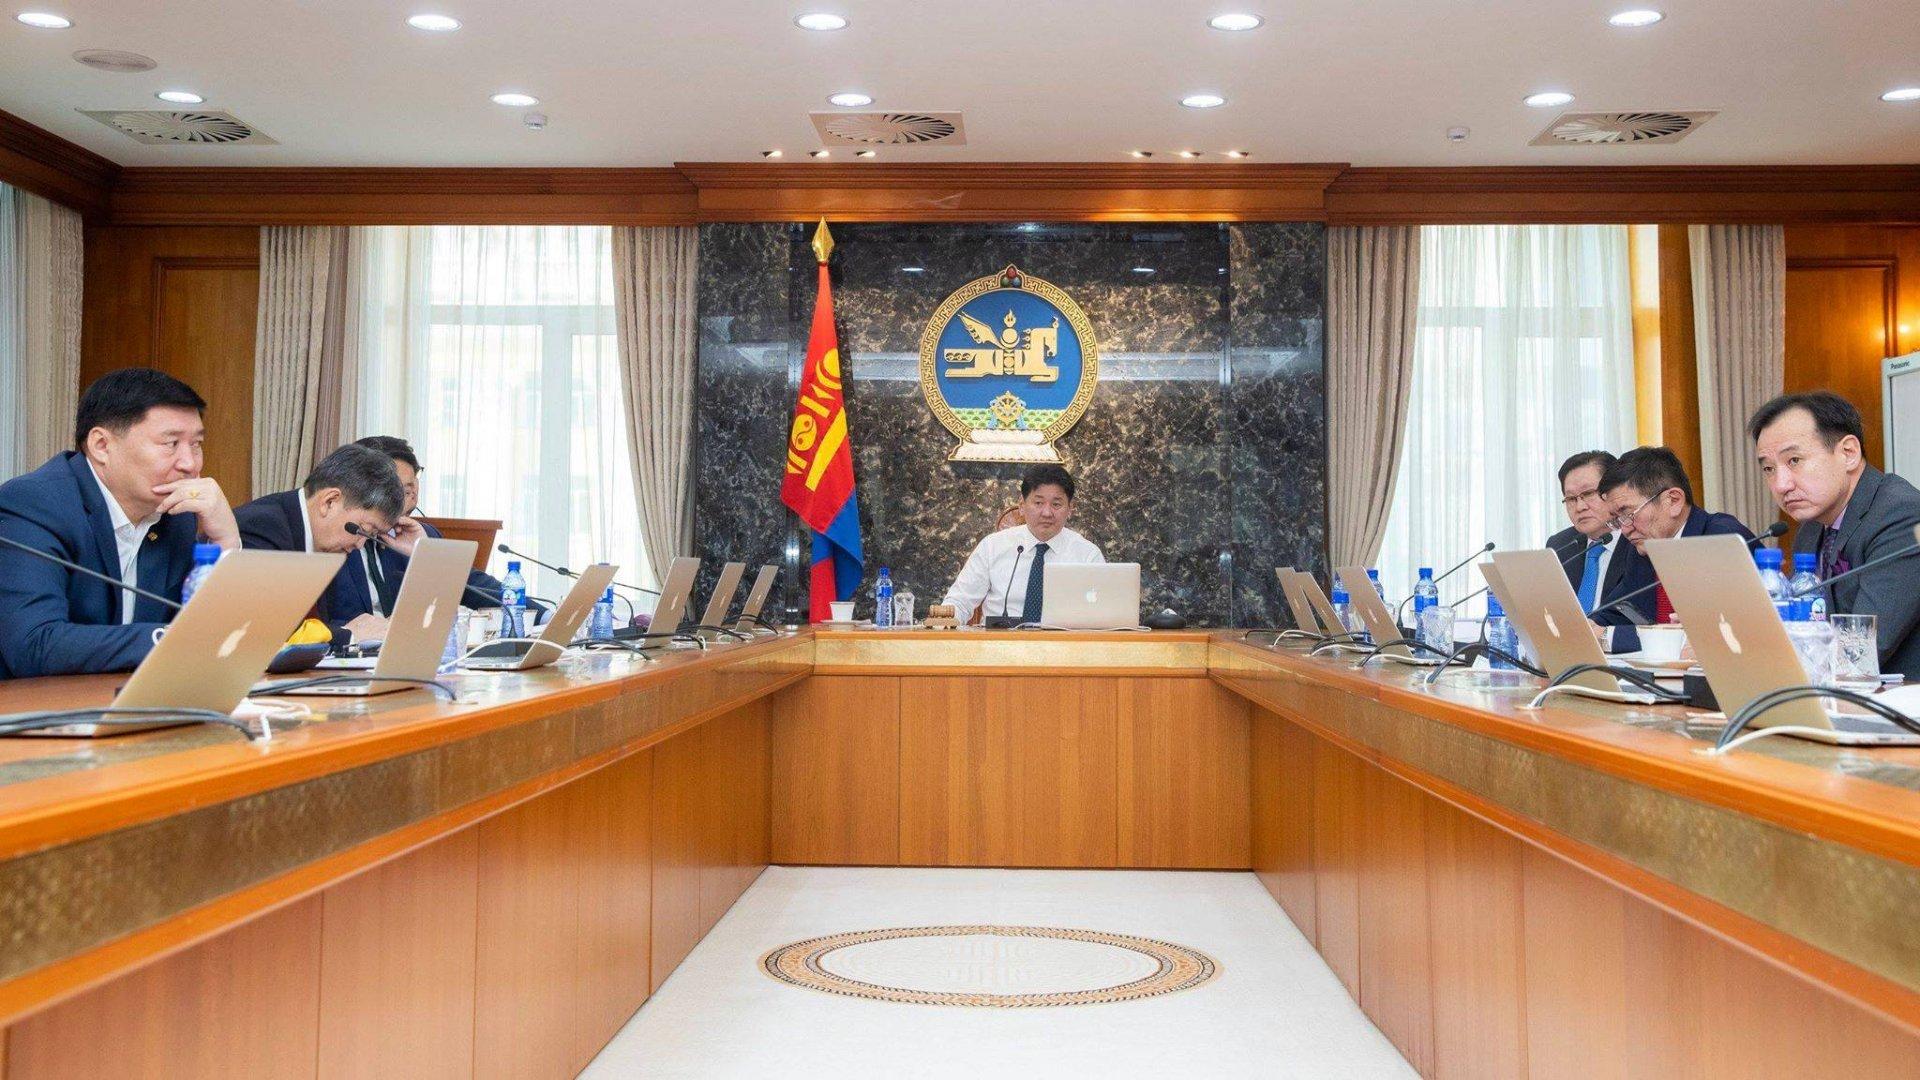 Засгийн газрын ээлжит хуралдаан 2019 оны 10 дугаар сарын 23-ны өдөр болж дараах асуудлуудыг хэлэлцэн шийдвэрлэлээ